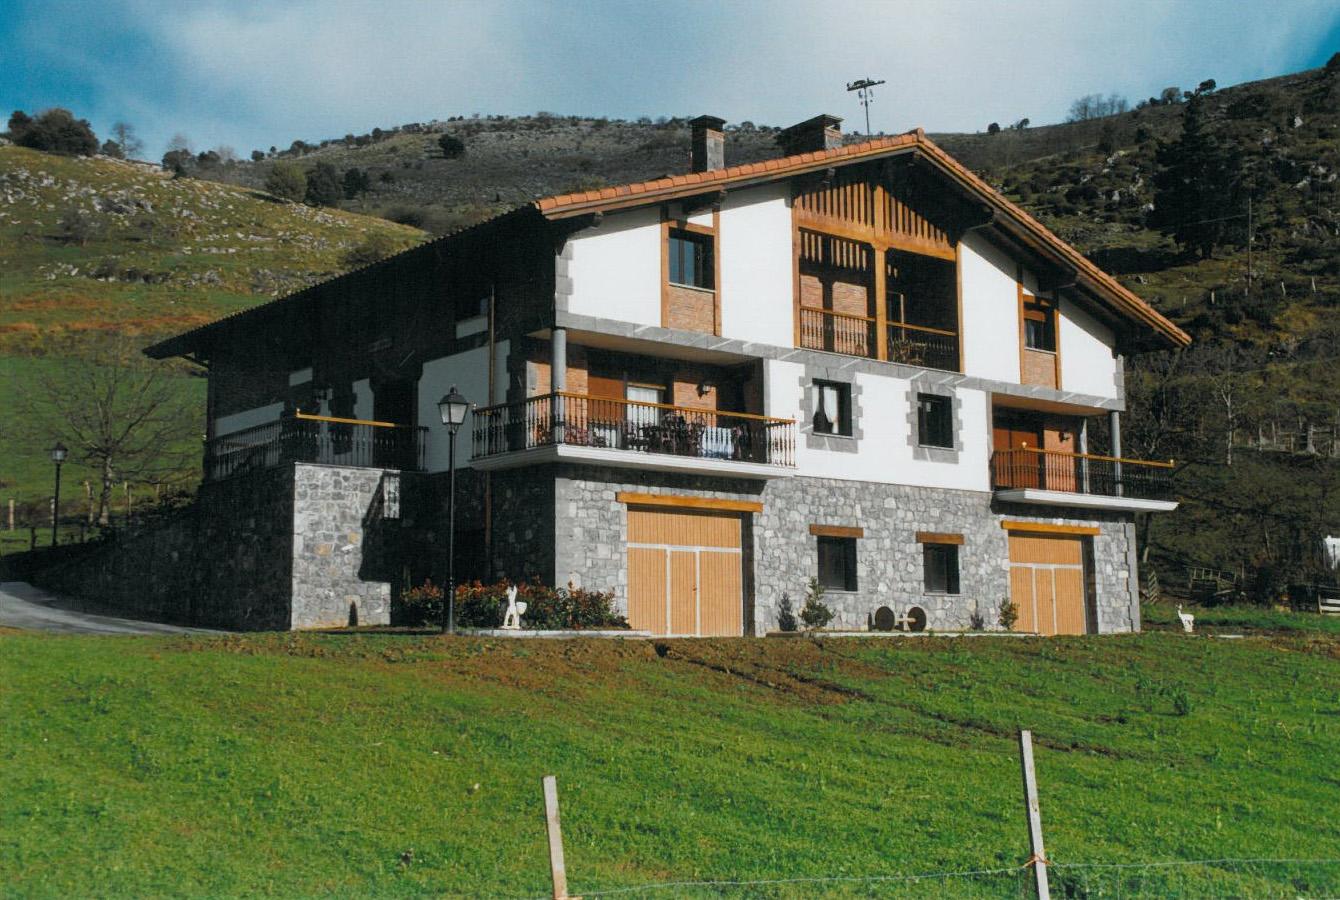 Касериос - жилищные постройки в Испании